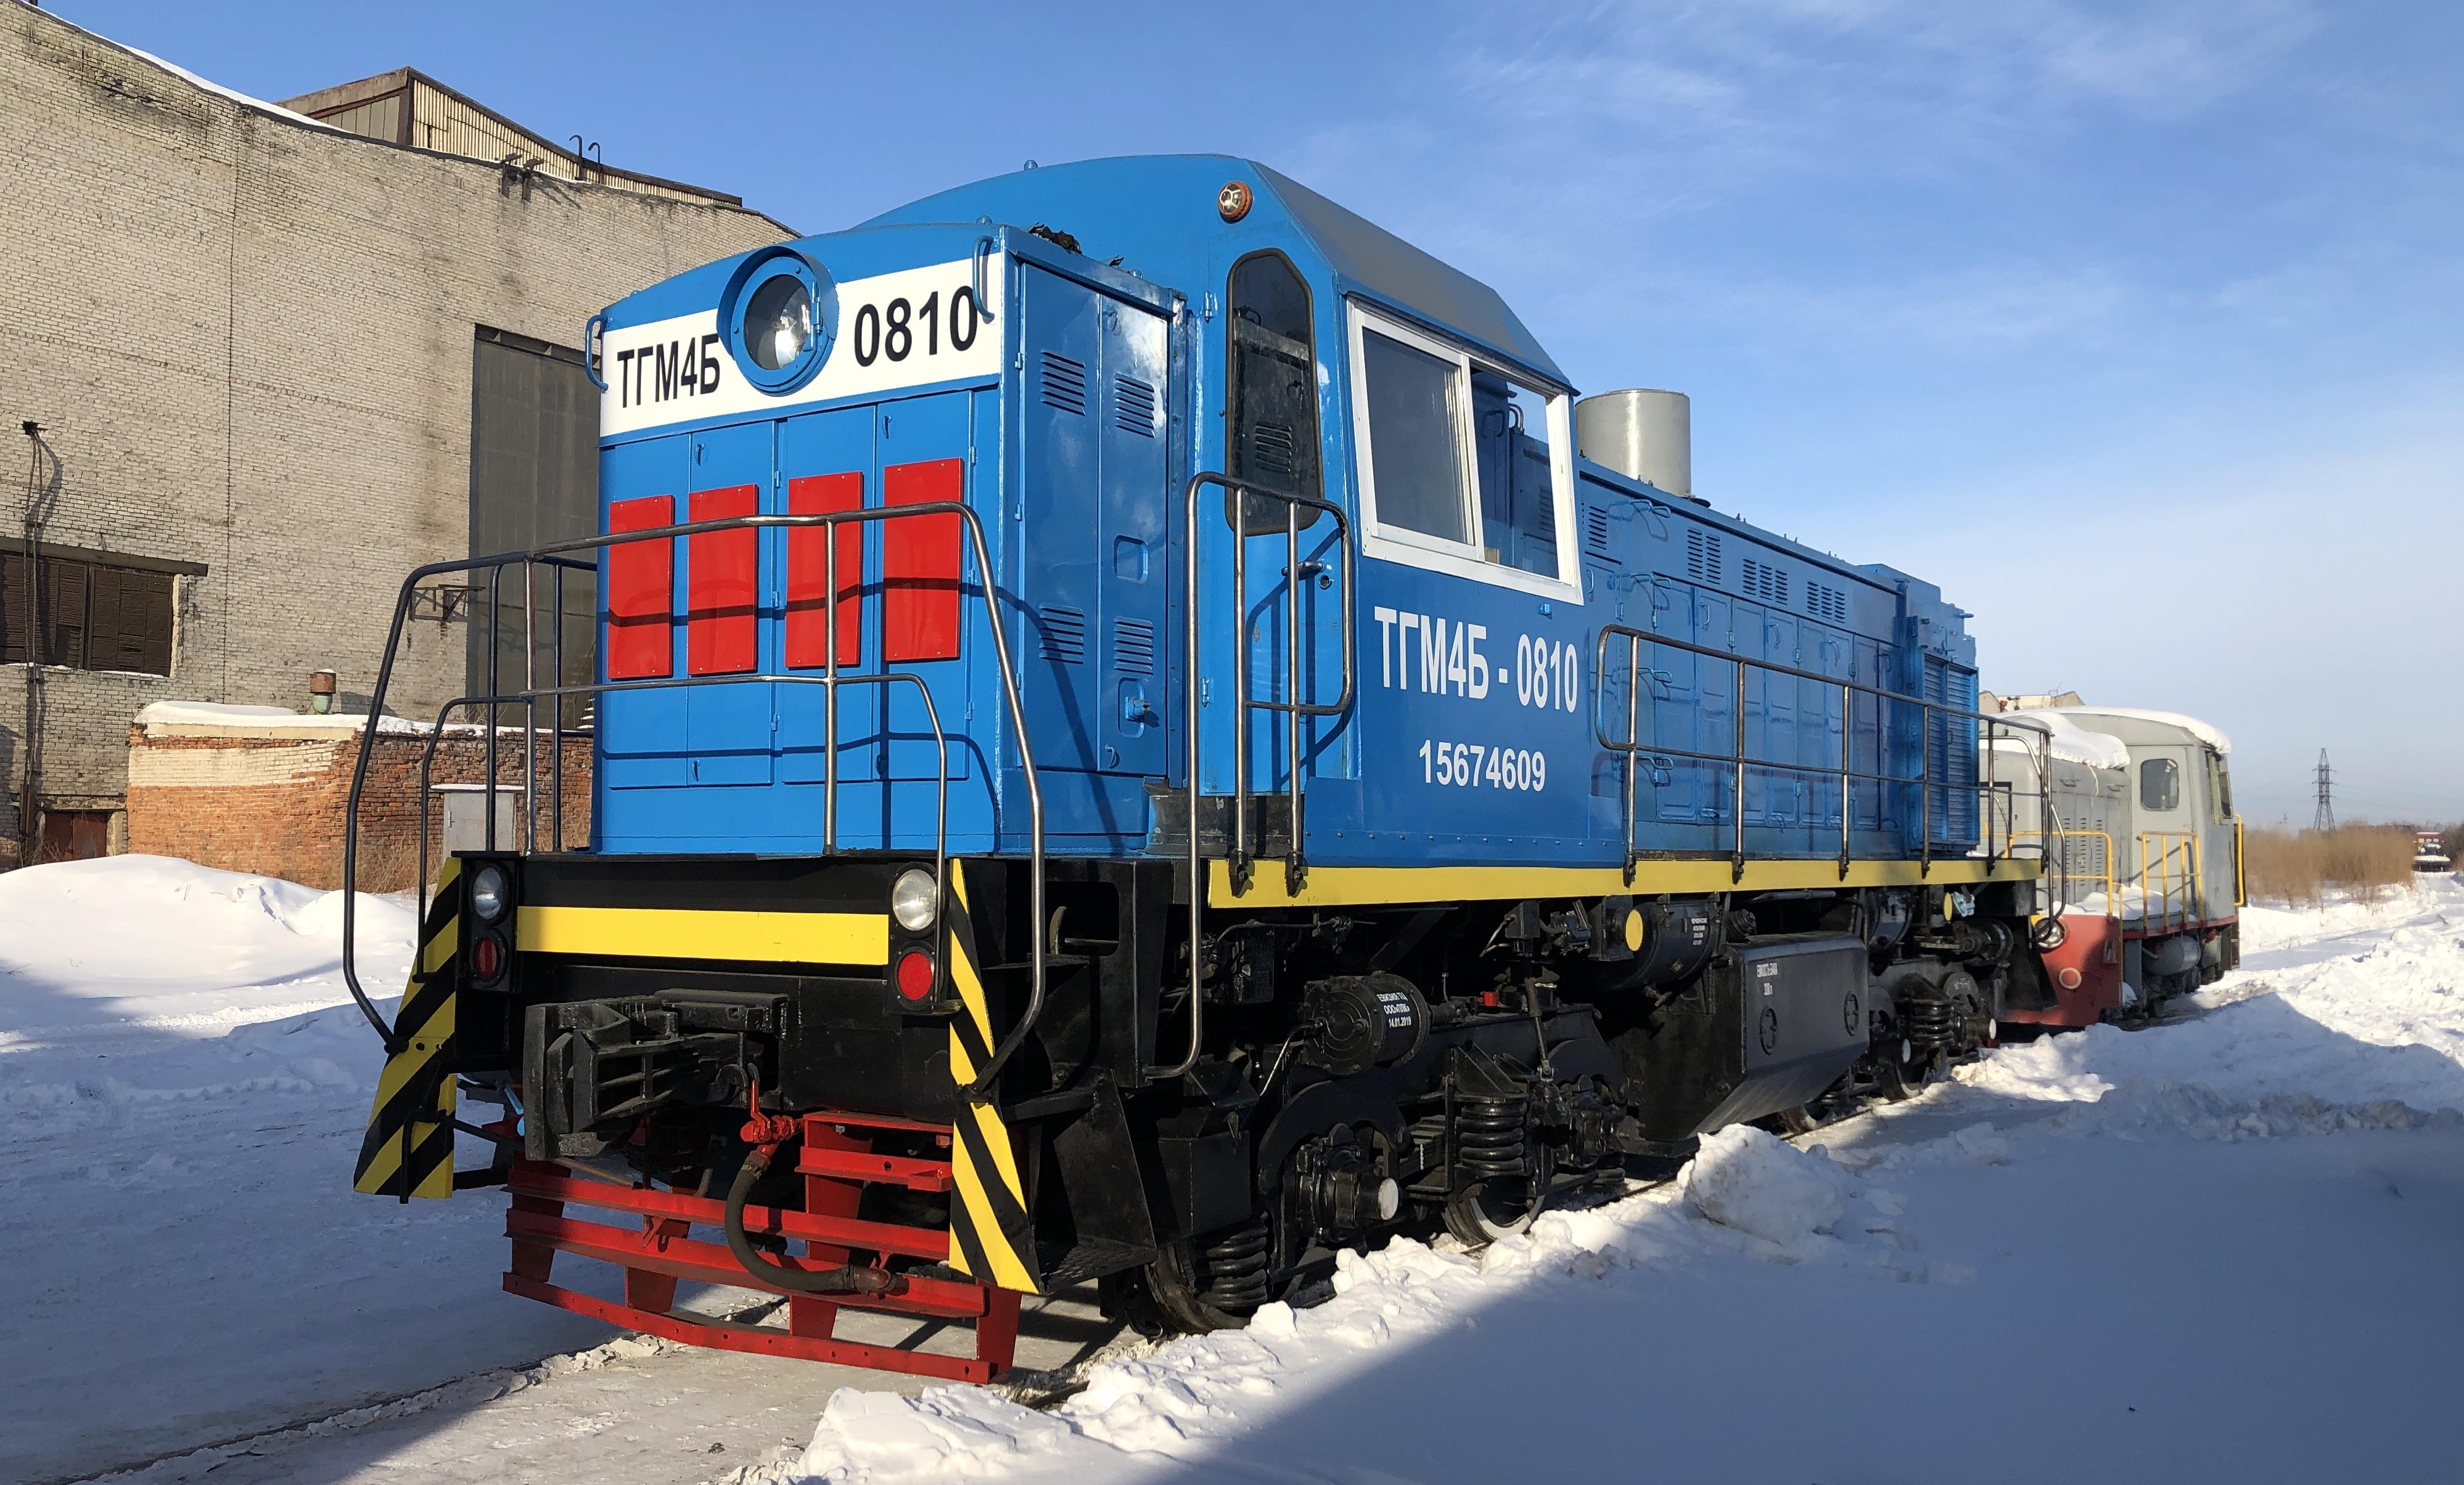 тепловоз ТГМ-4Б купить